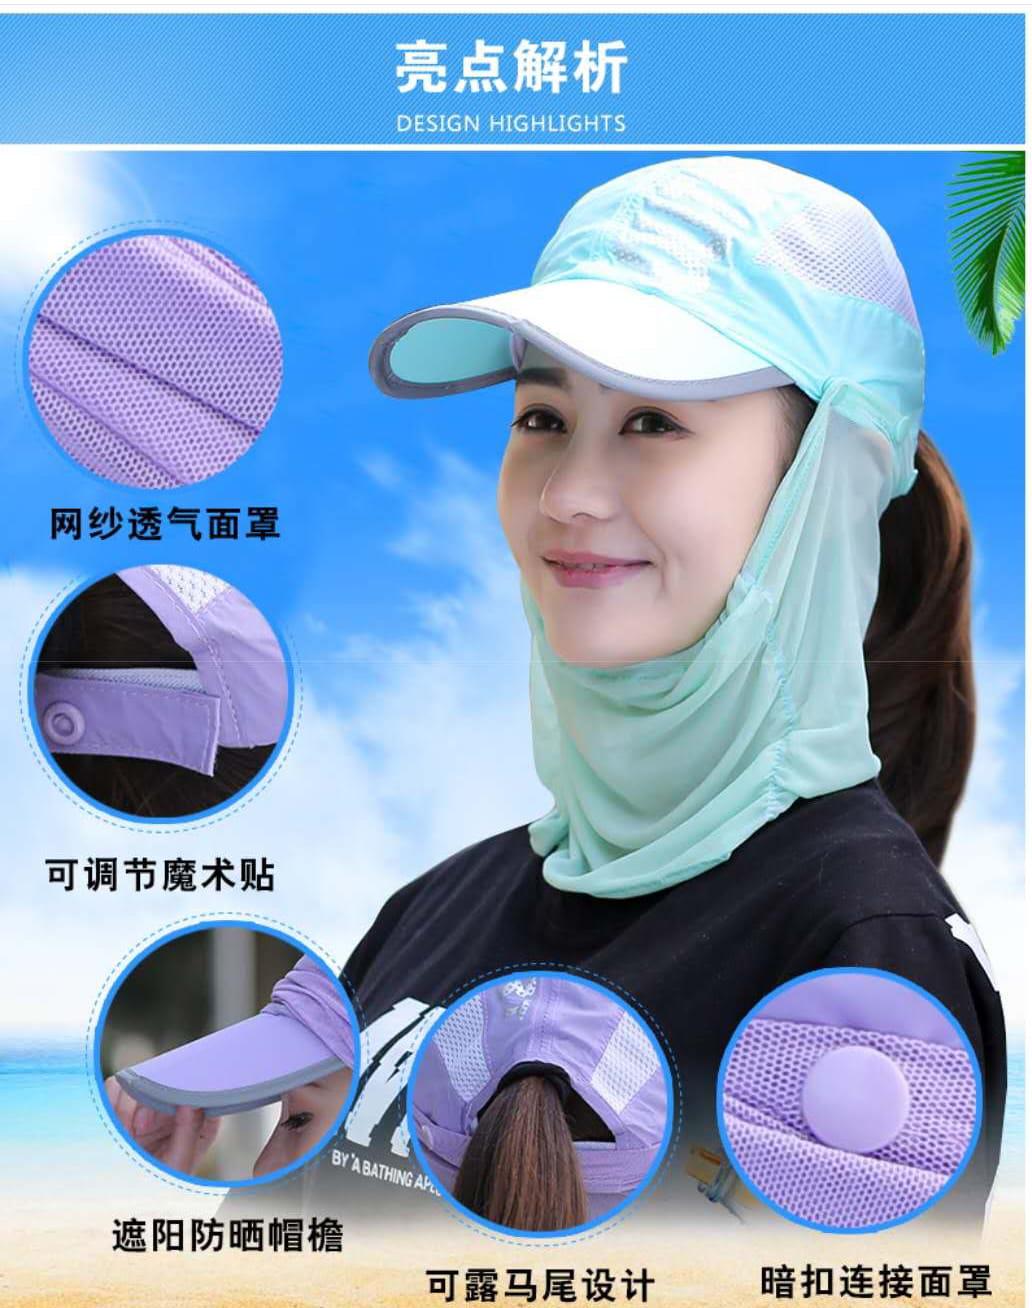 網頂全罩式可折疊防曬帽 夏天\遮臉\鴨舌太陽帽\戶外\折疊\紫外線\電動車\遮陽帽/自行車/腳踏車 8